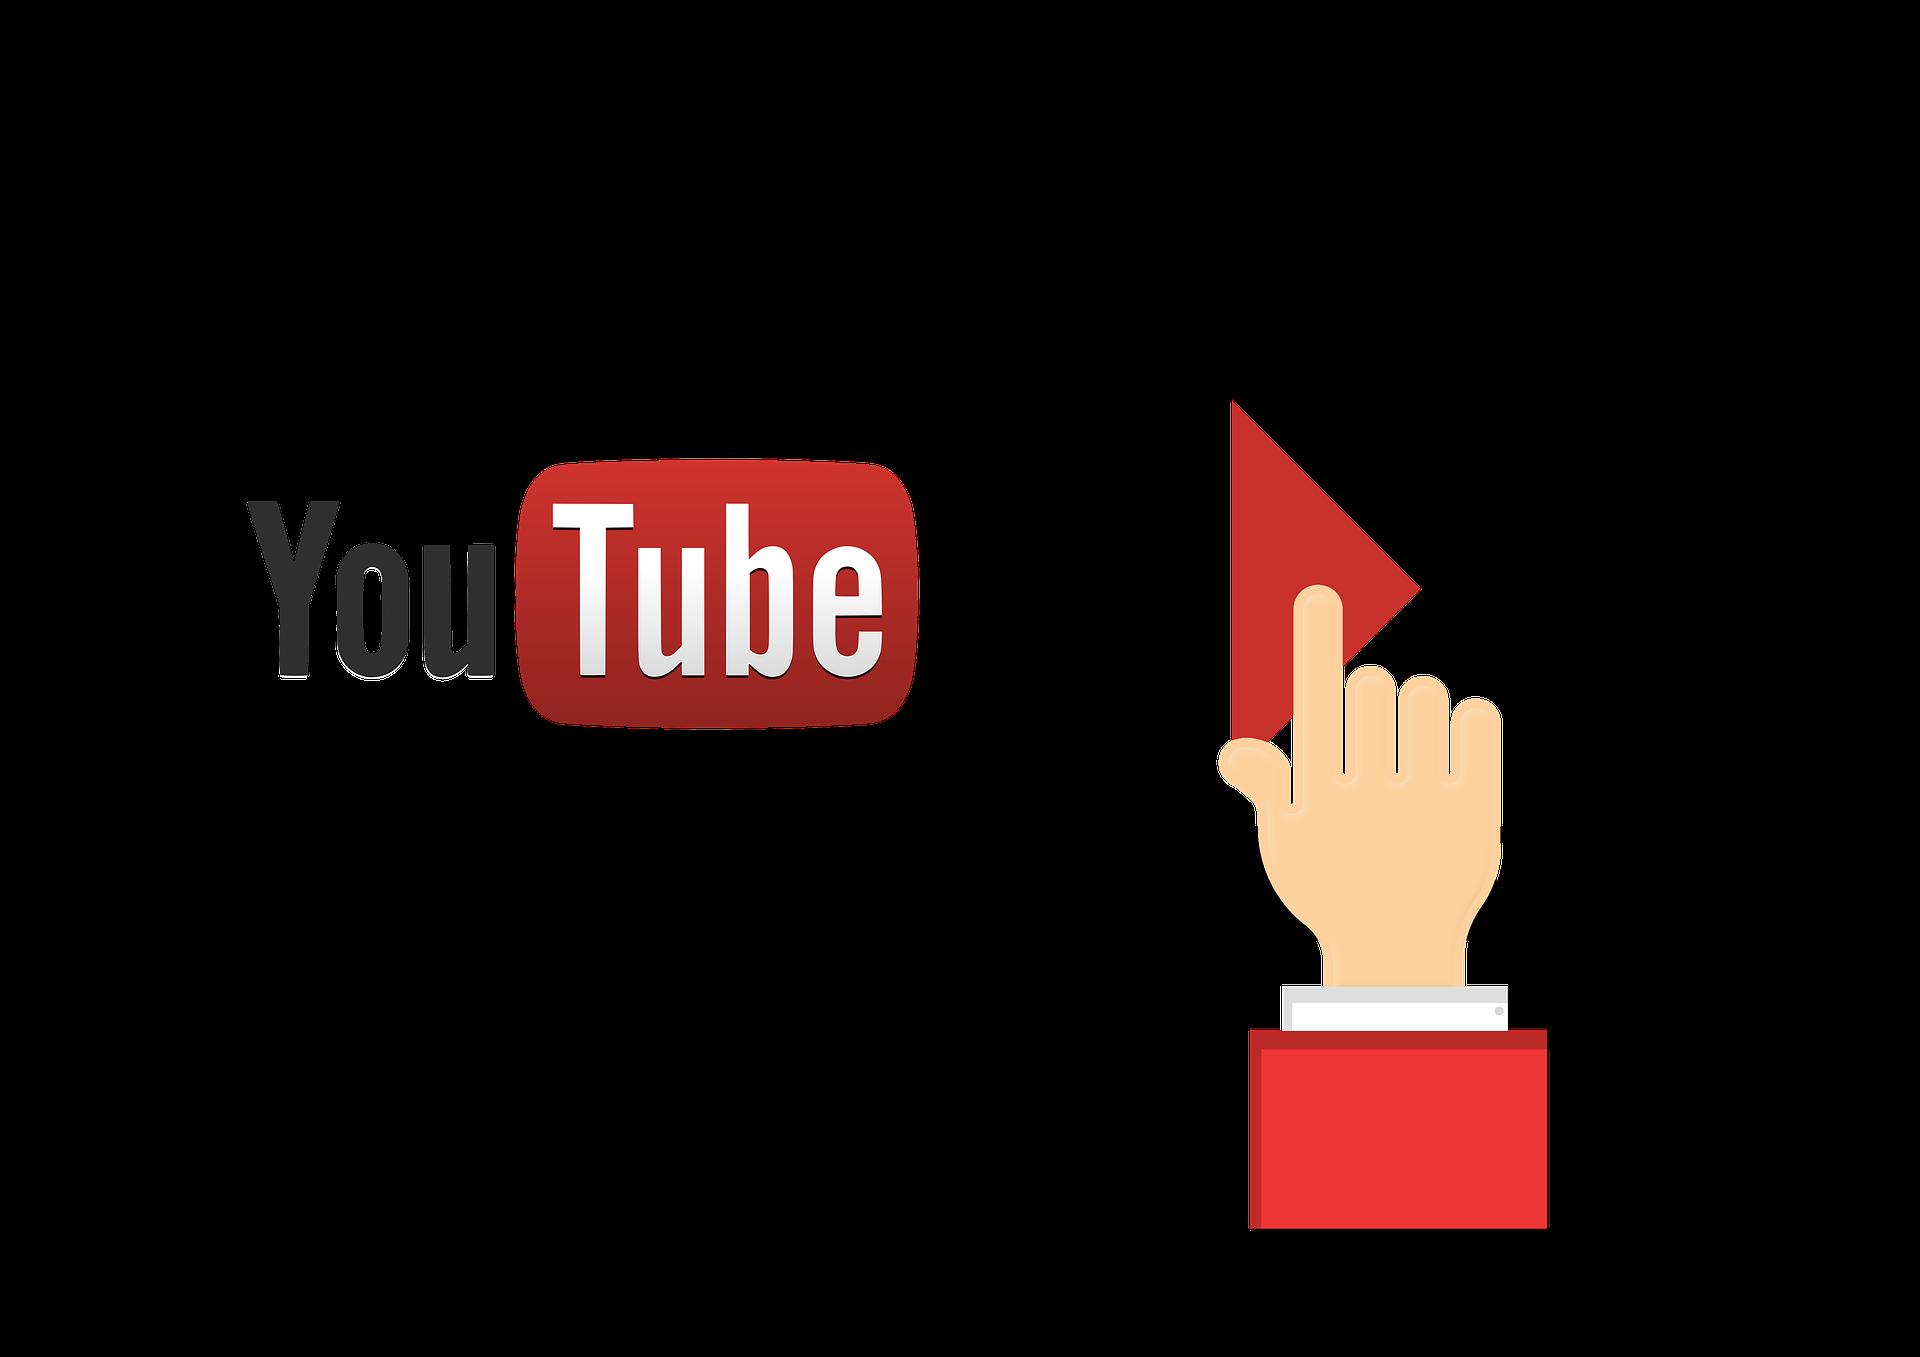 Como sacar musicas do YouTube sem baixar nada